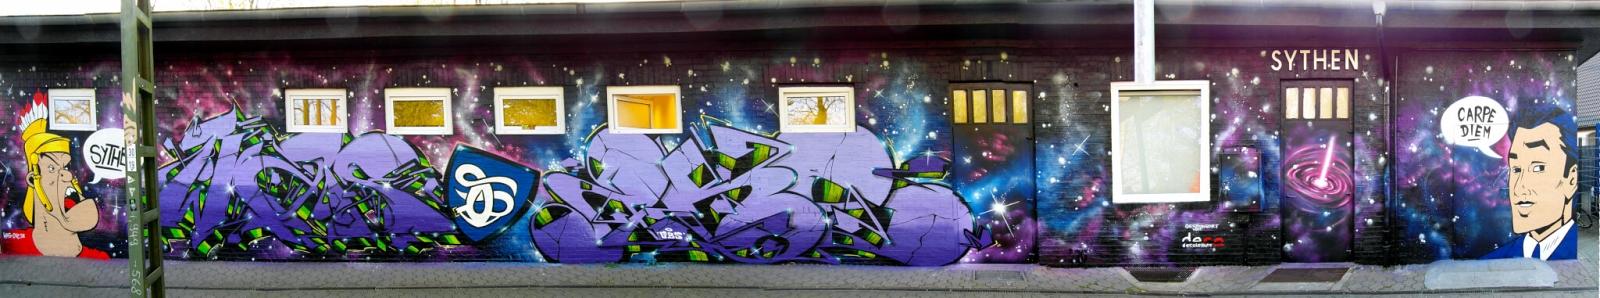 Graffiti in Haltern Systen Bahnhof Gestaltung Carpe Diem Römer